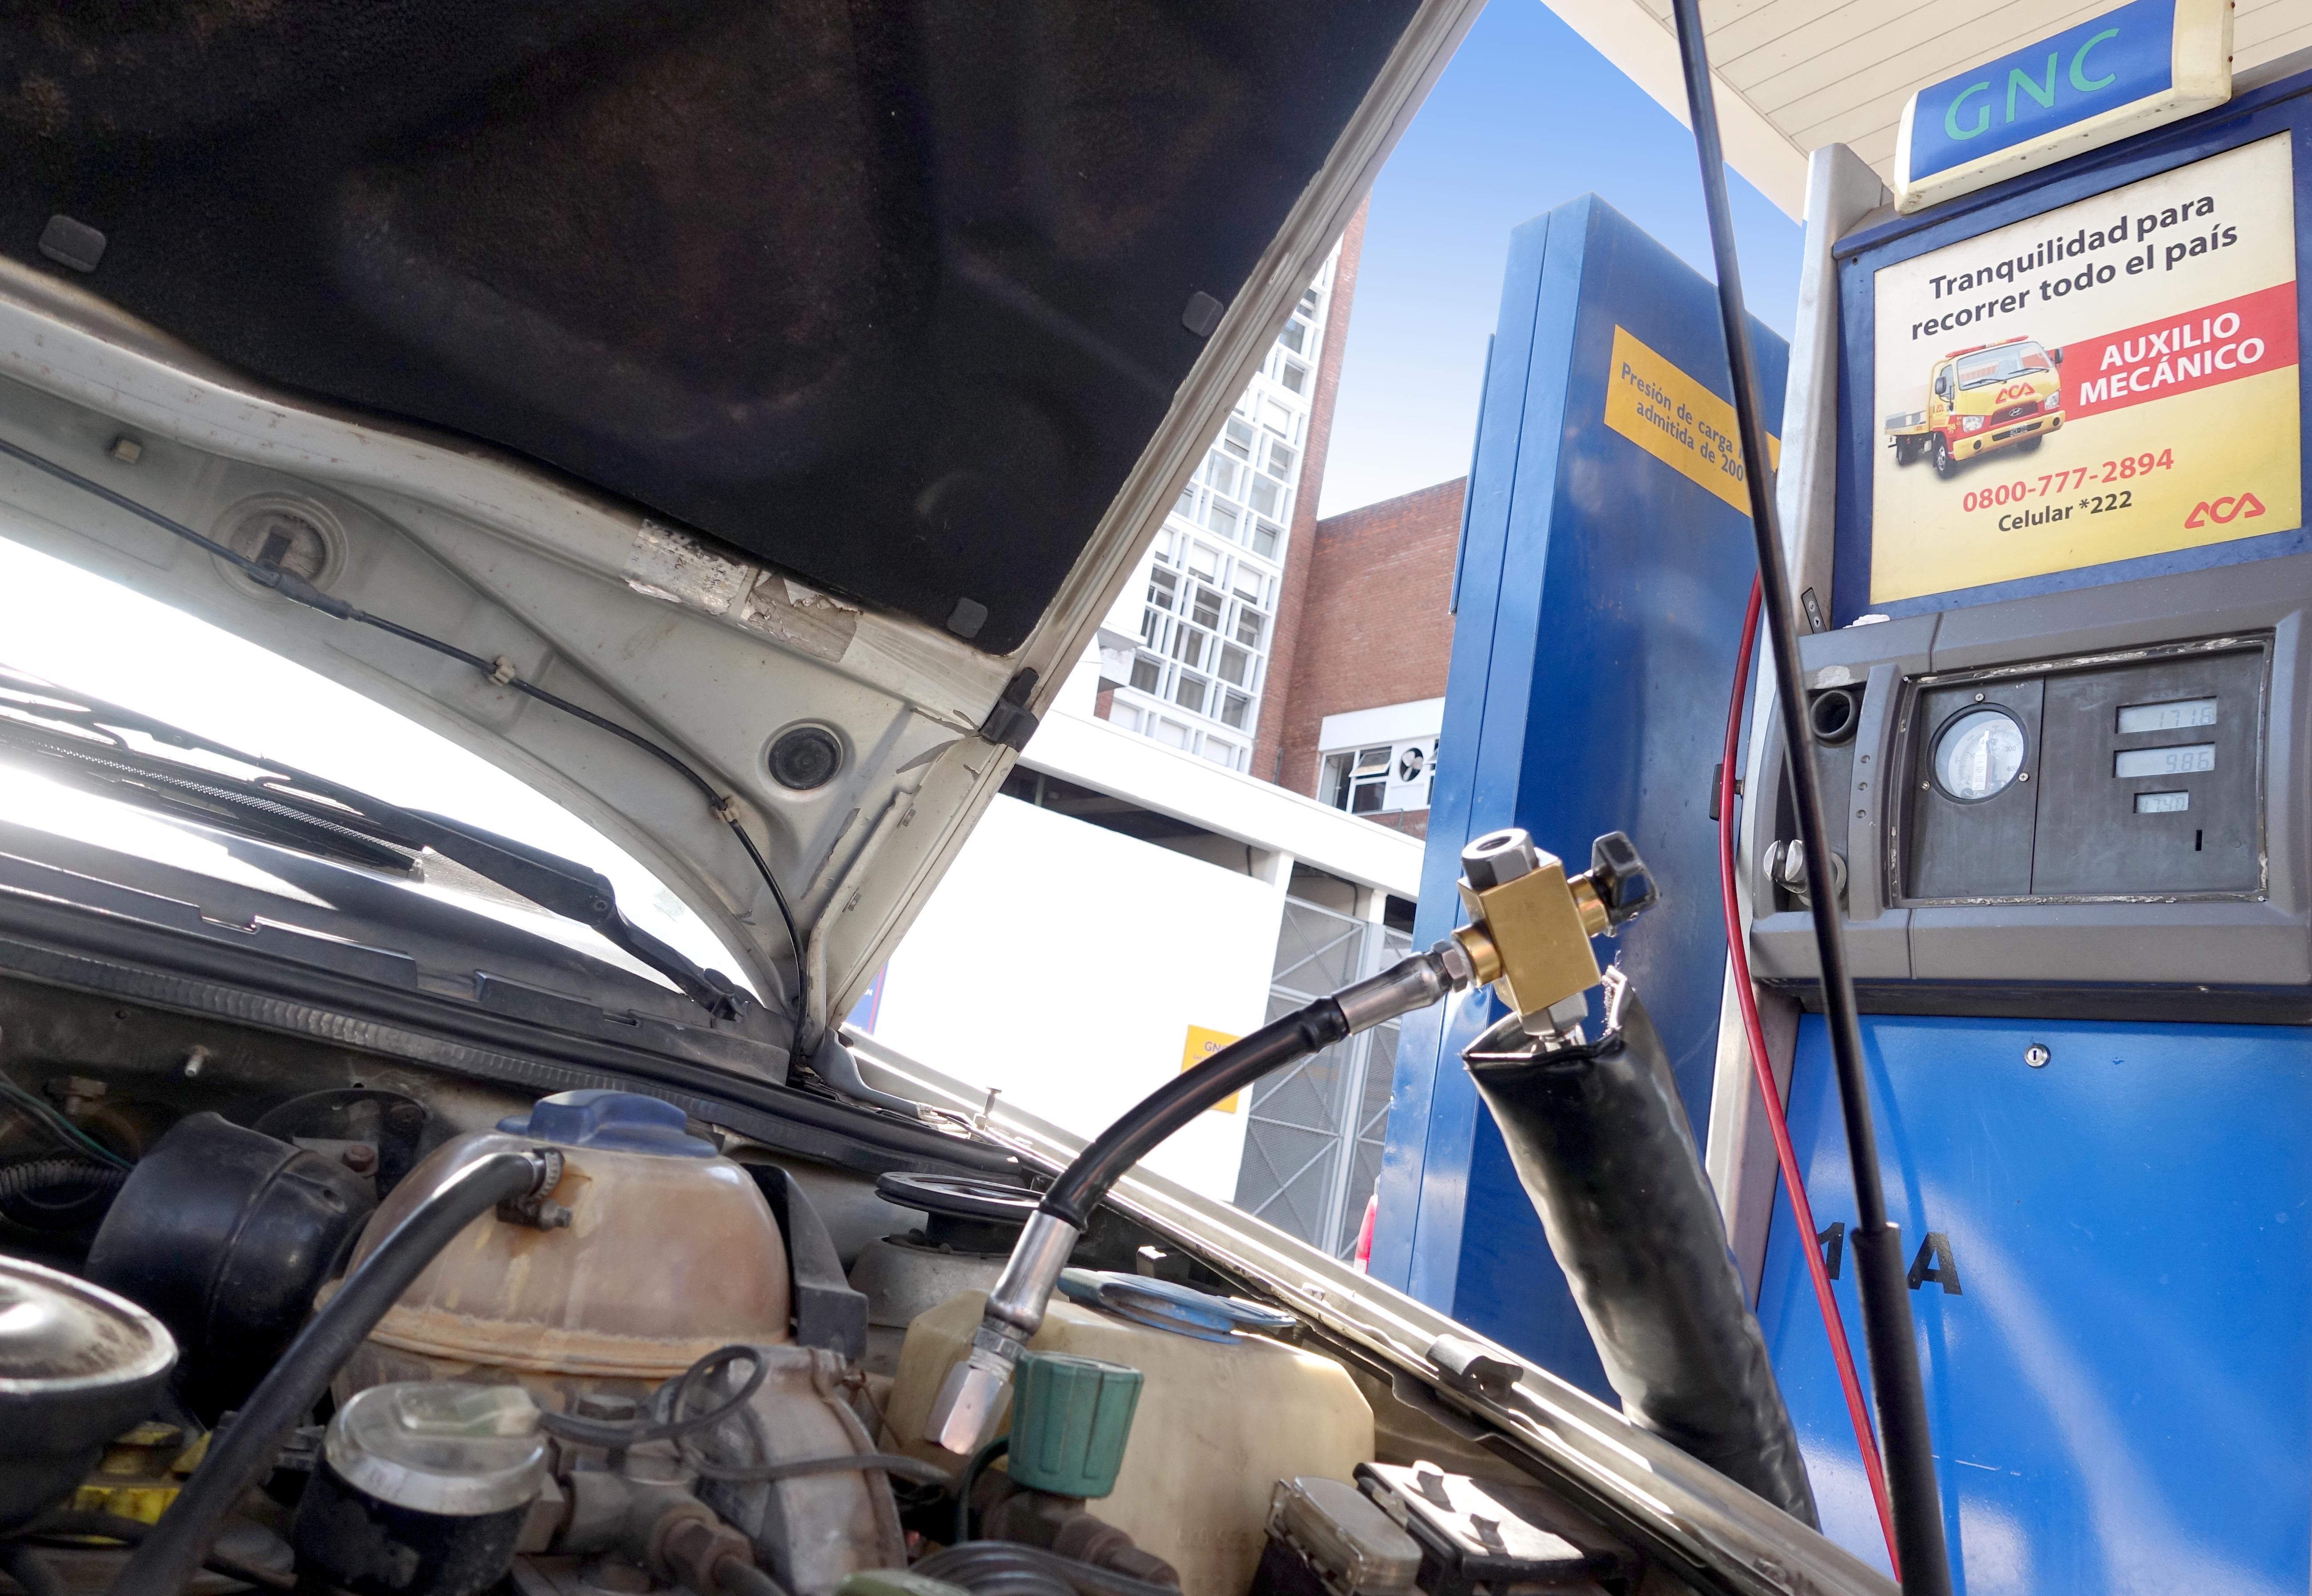 Enargas lanzó una APP sobre gas natural vehicular (GNV)